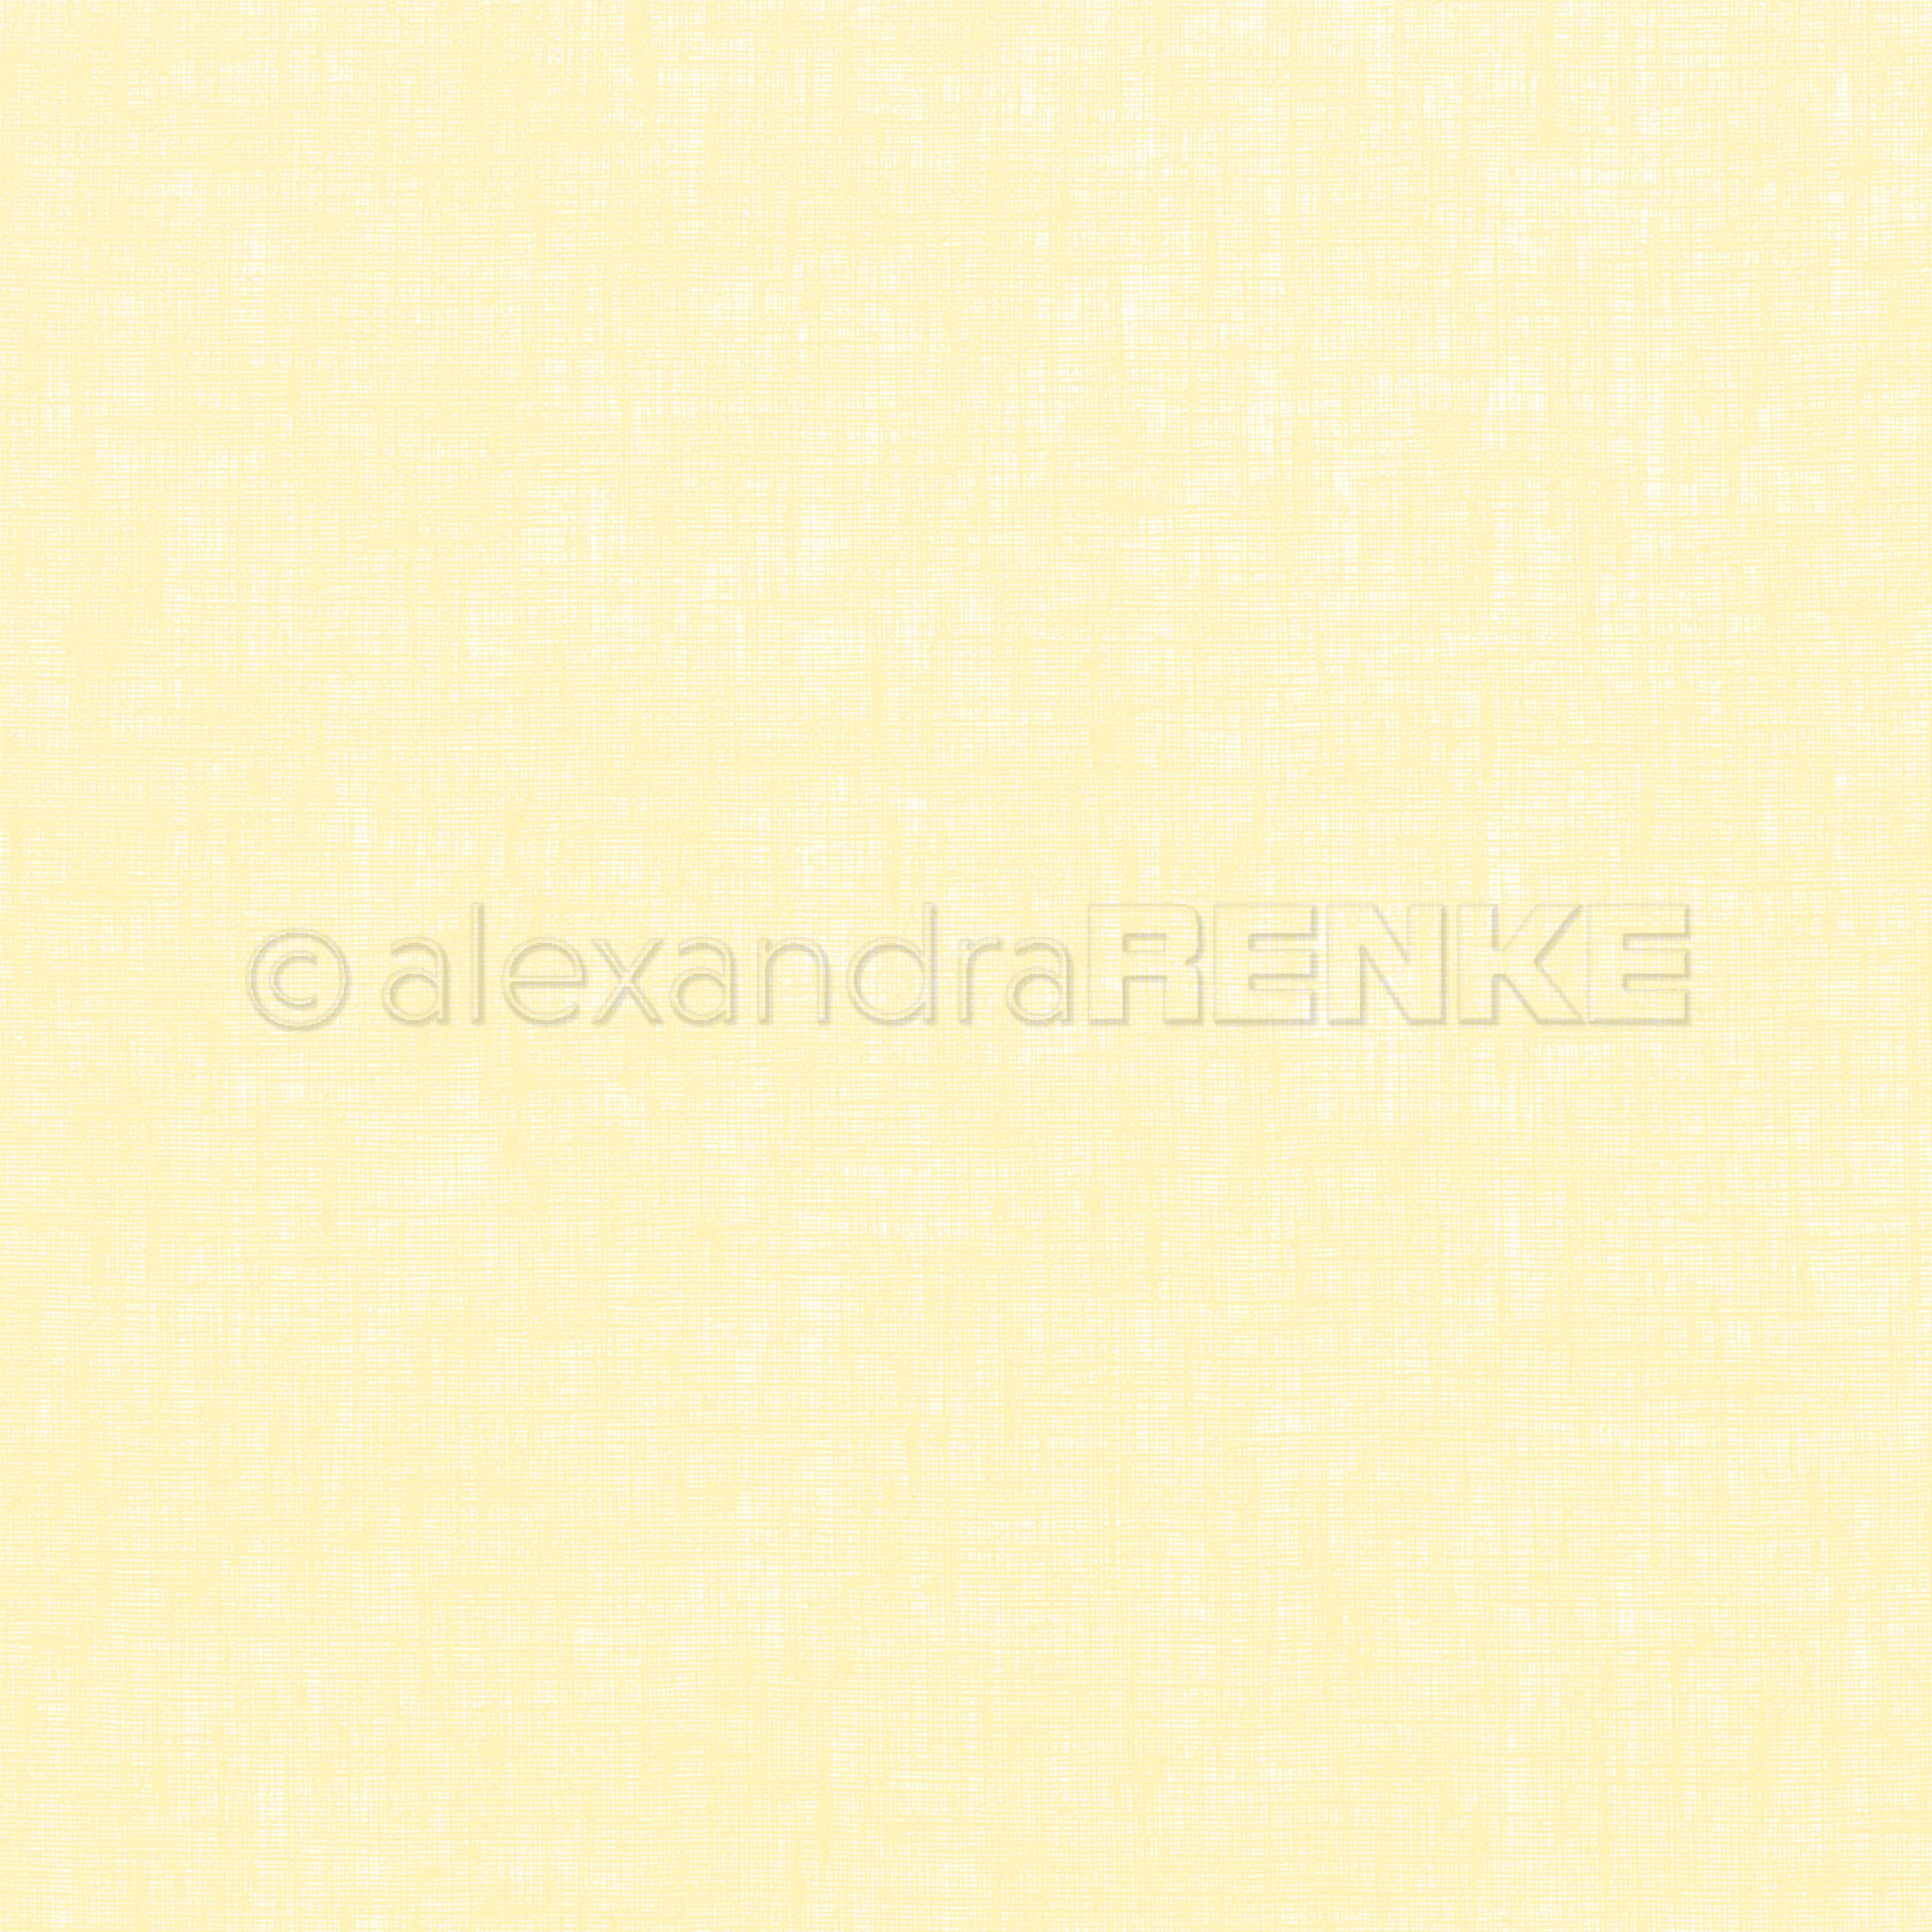 Alexandra Renke cooking cardstock 12X12 - Linen Lemon